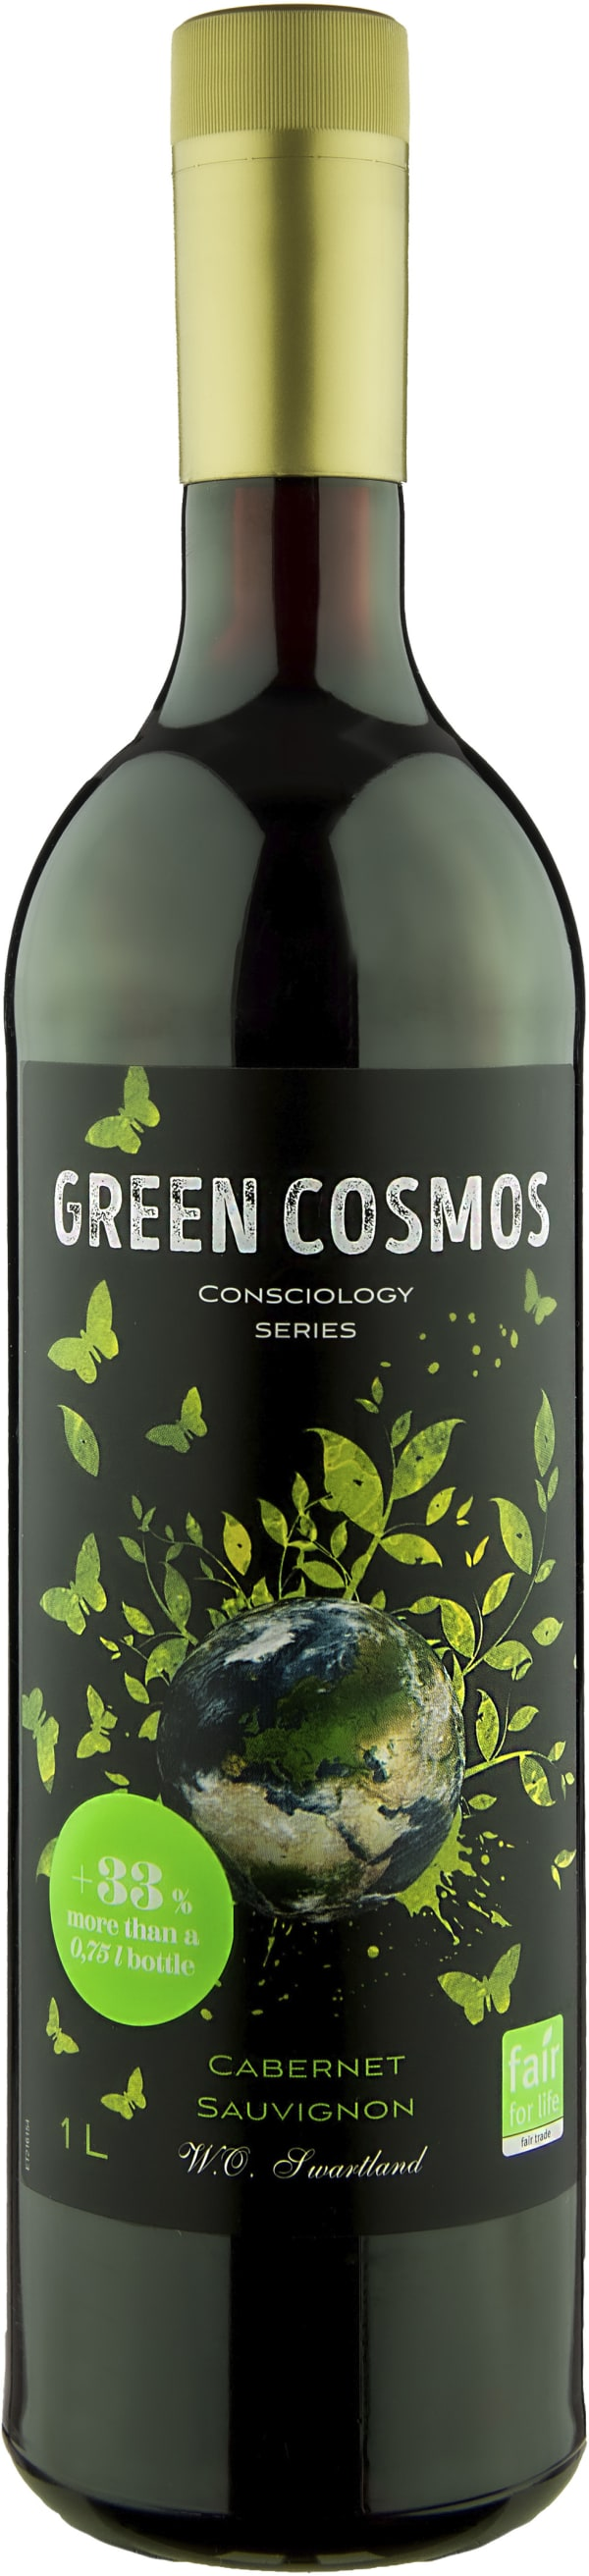 Consciology Cabernet Sauvignon 2017 plastic bottle